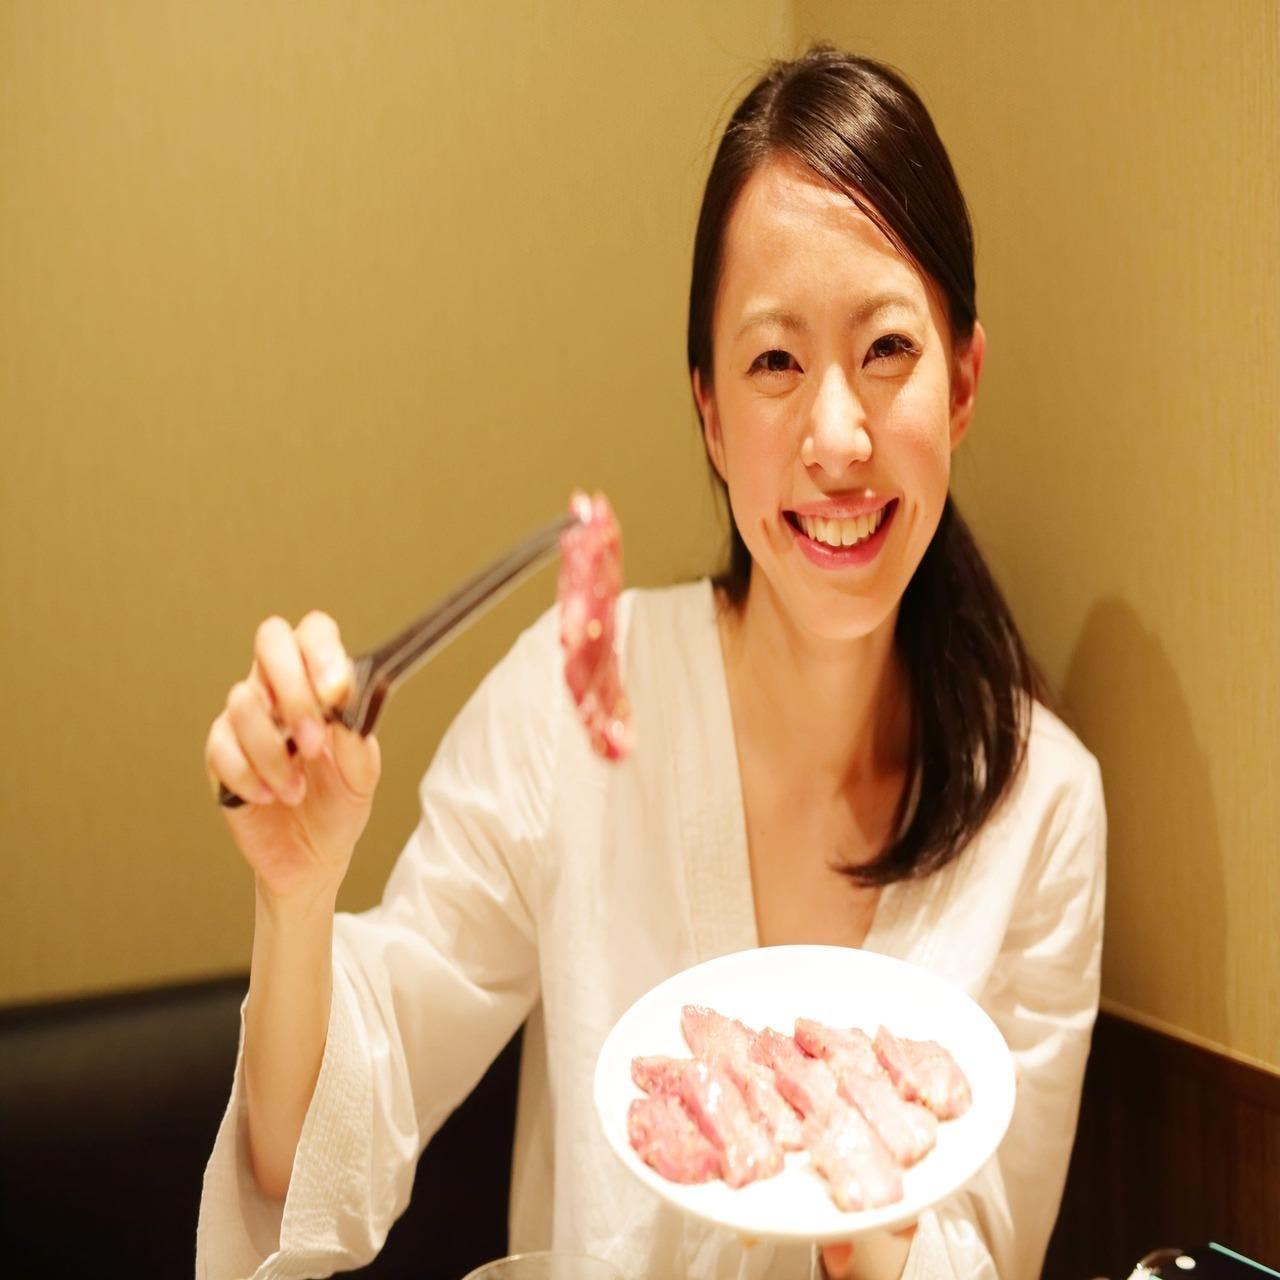 生肉テイクアウト、お家で焼肉コース